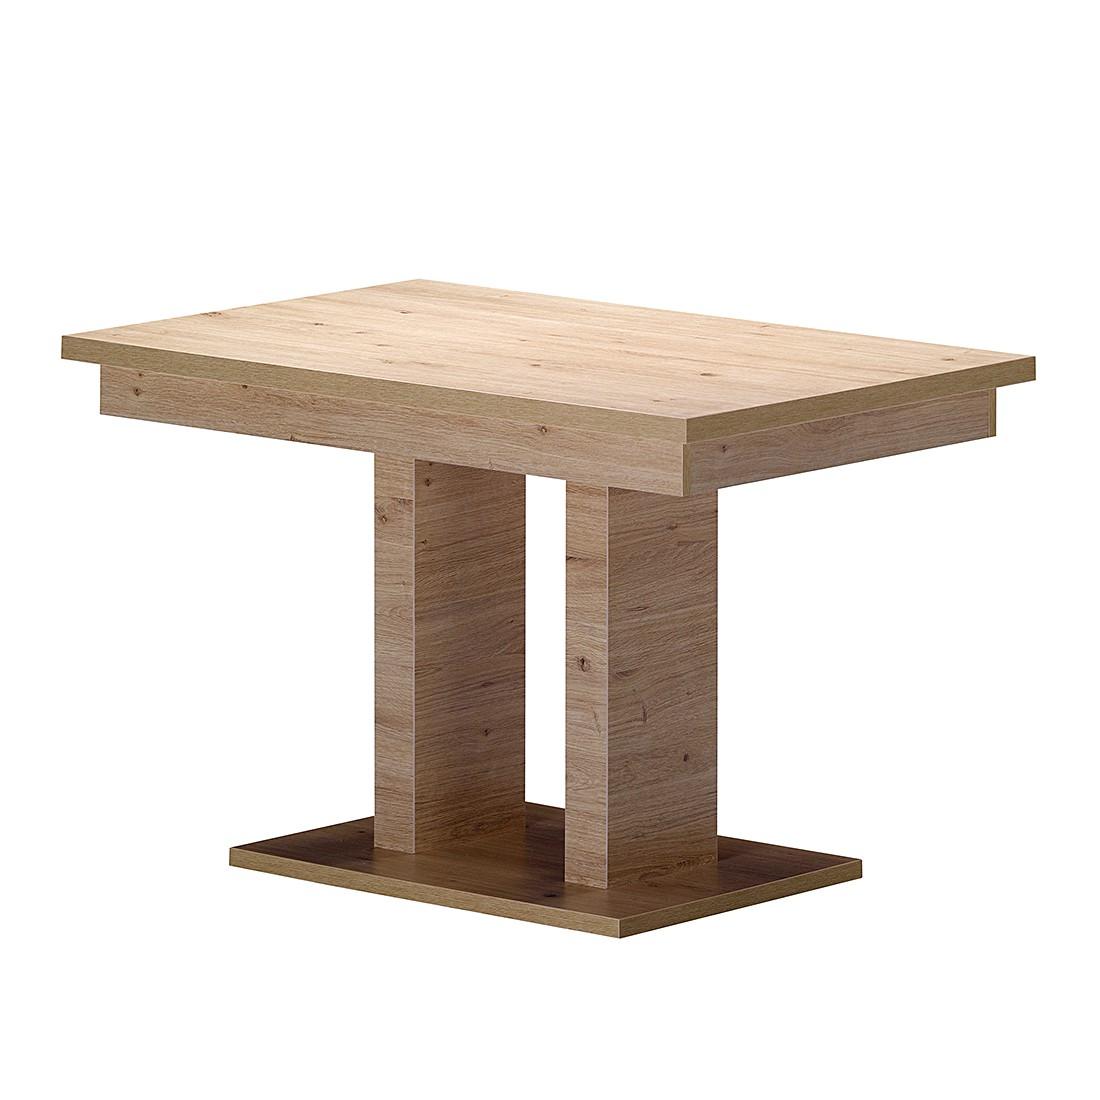 2 Säulentisch San Remo – Sonoma Eiche Dekor, Modoform günstig